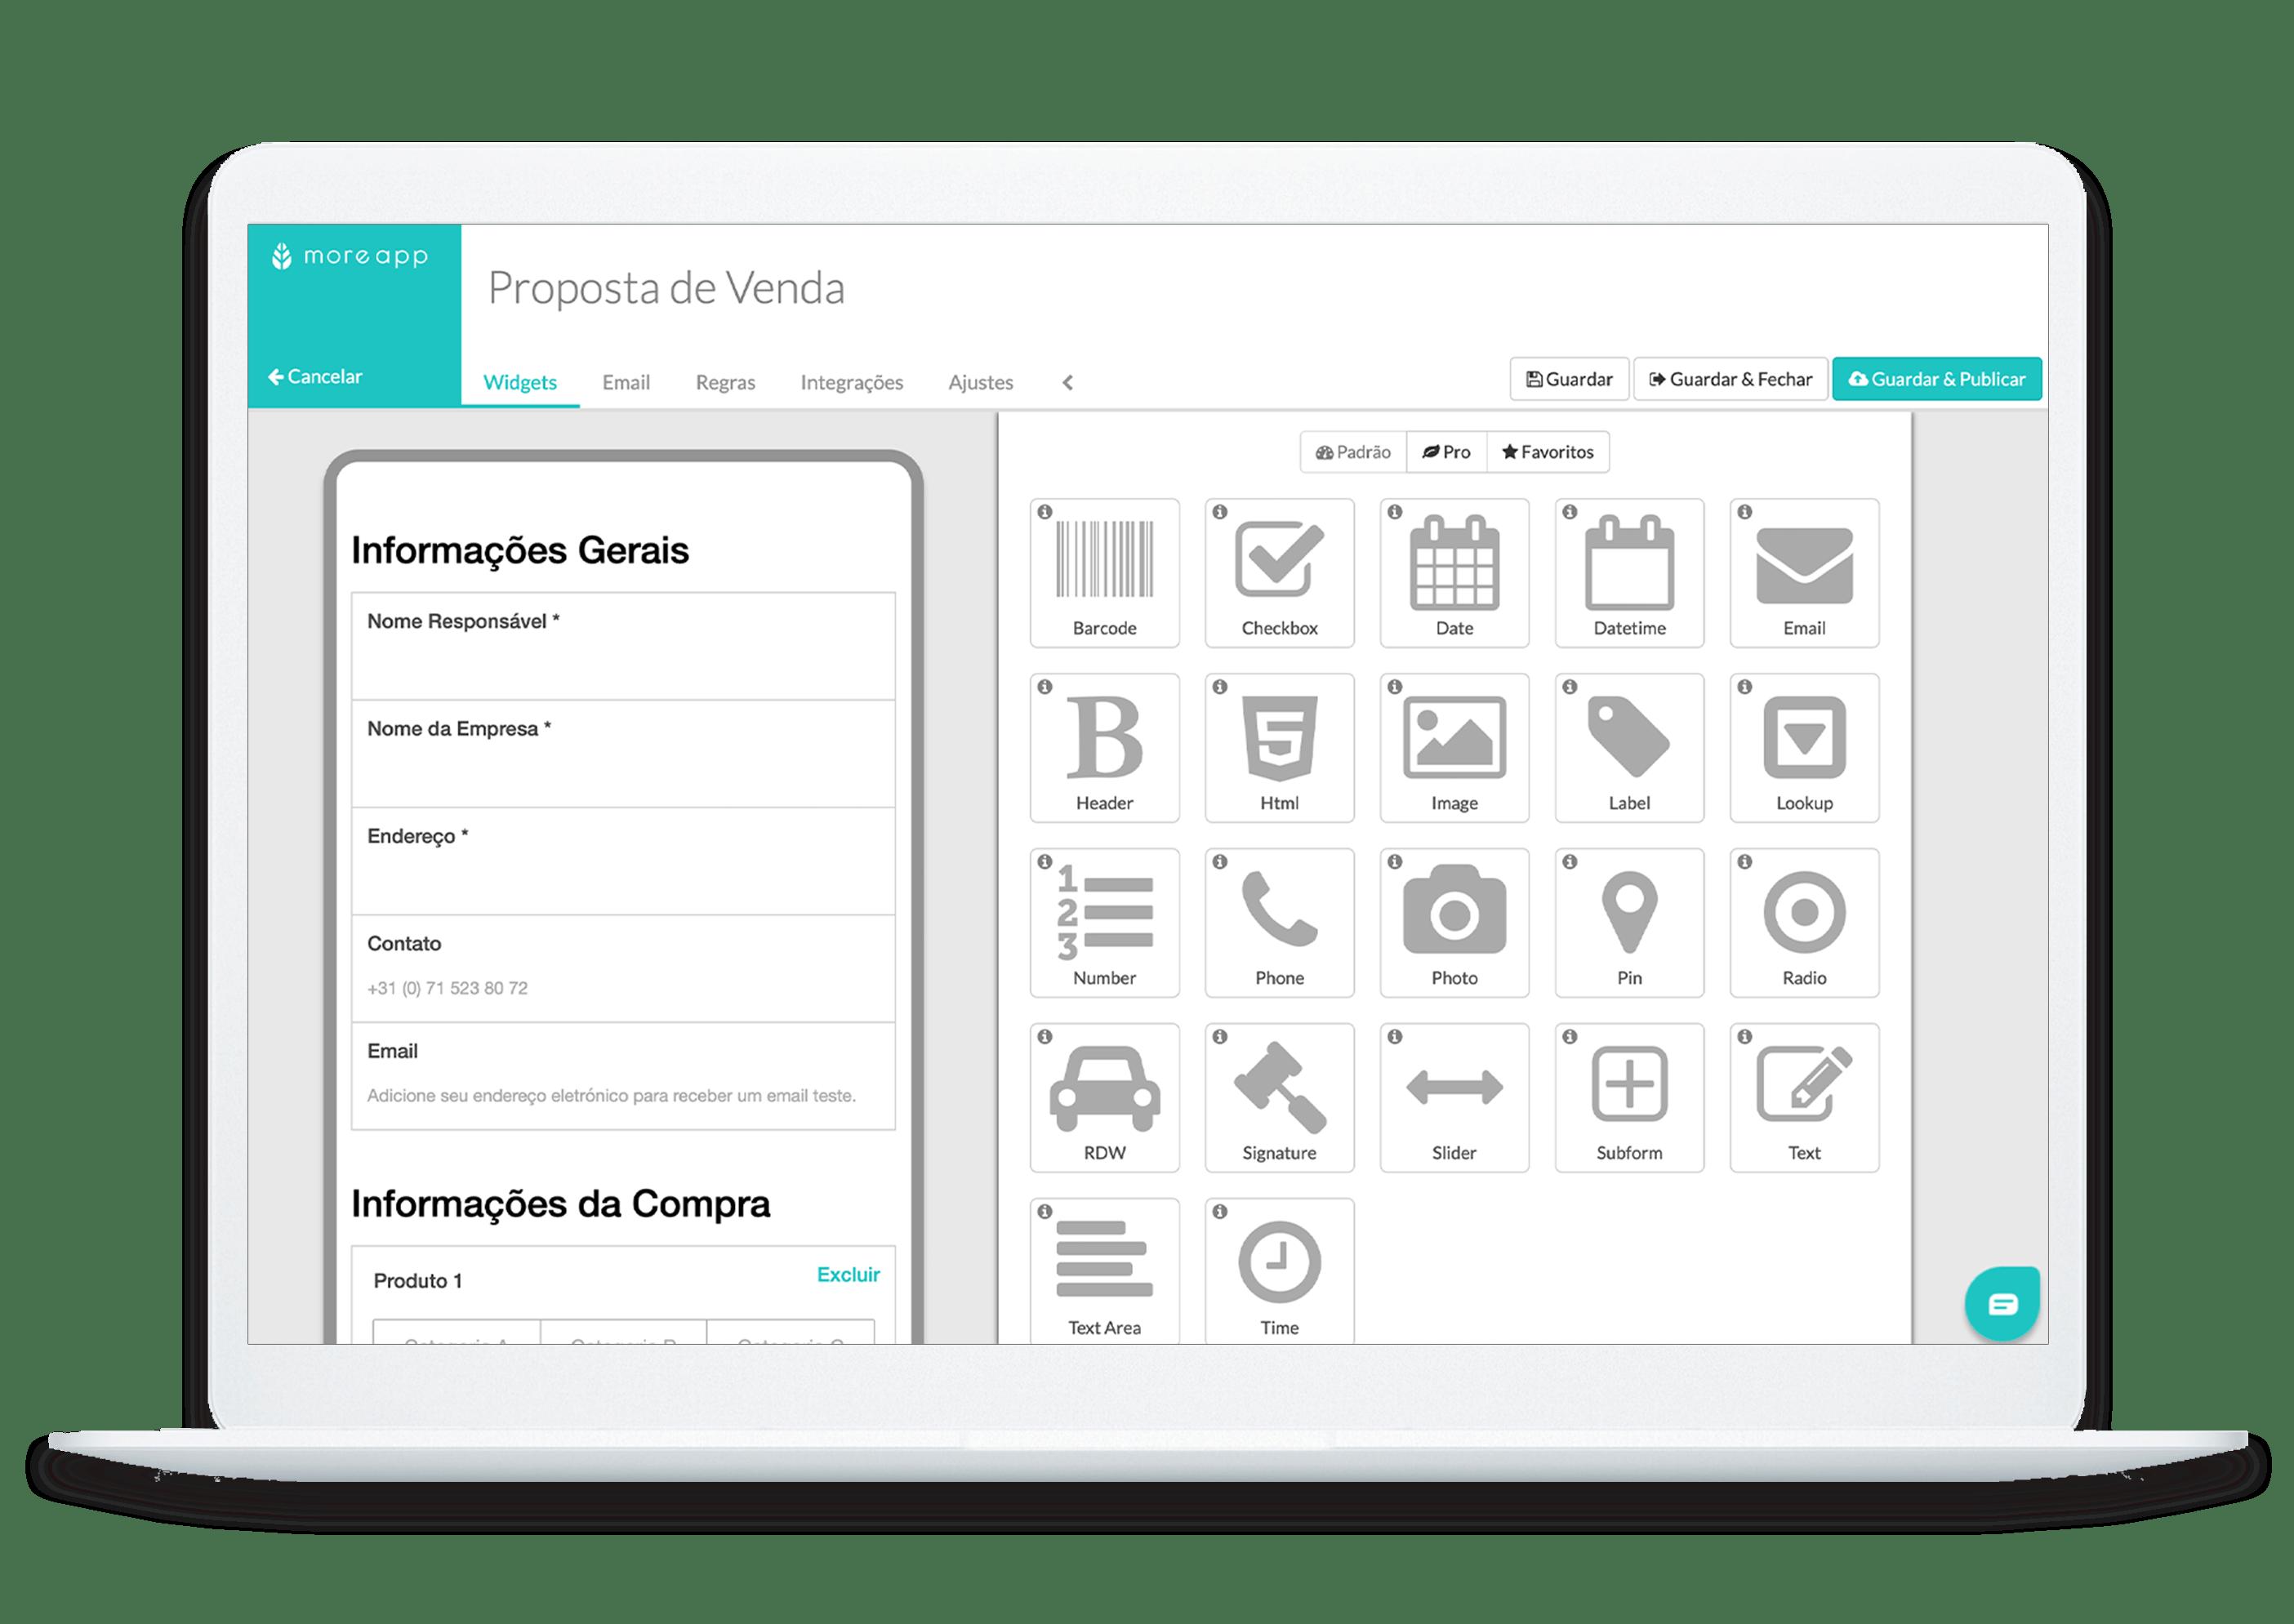 MoreApp Construtor de Formulários Proposta de Venda App